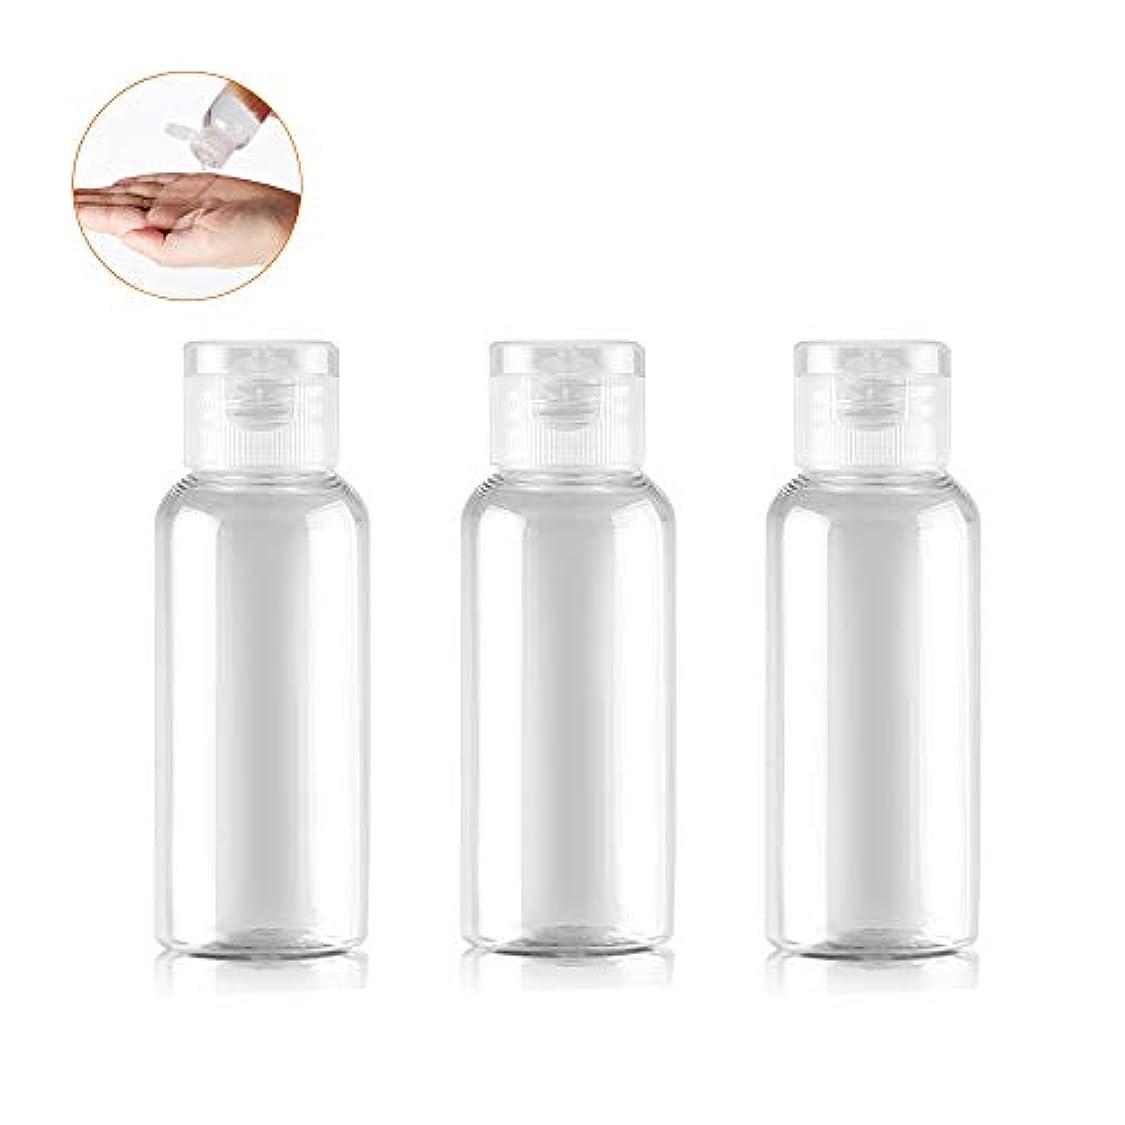 受け入れシガレット洗練小分けボトル トラベルボトル 3本セット プッシュタイプ 小分け容器 化粧水 精製水 詰替ボトル 旅行用 (A)